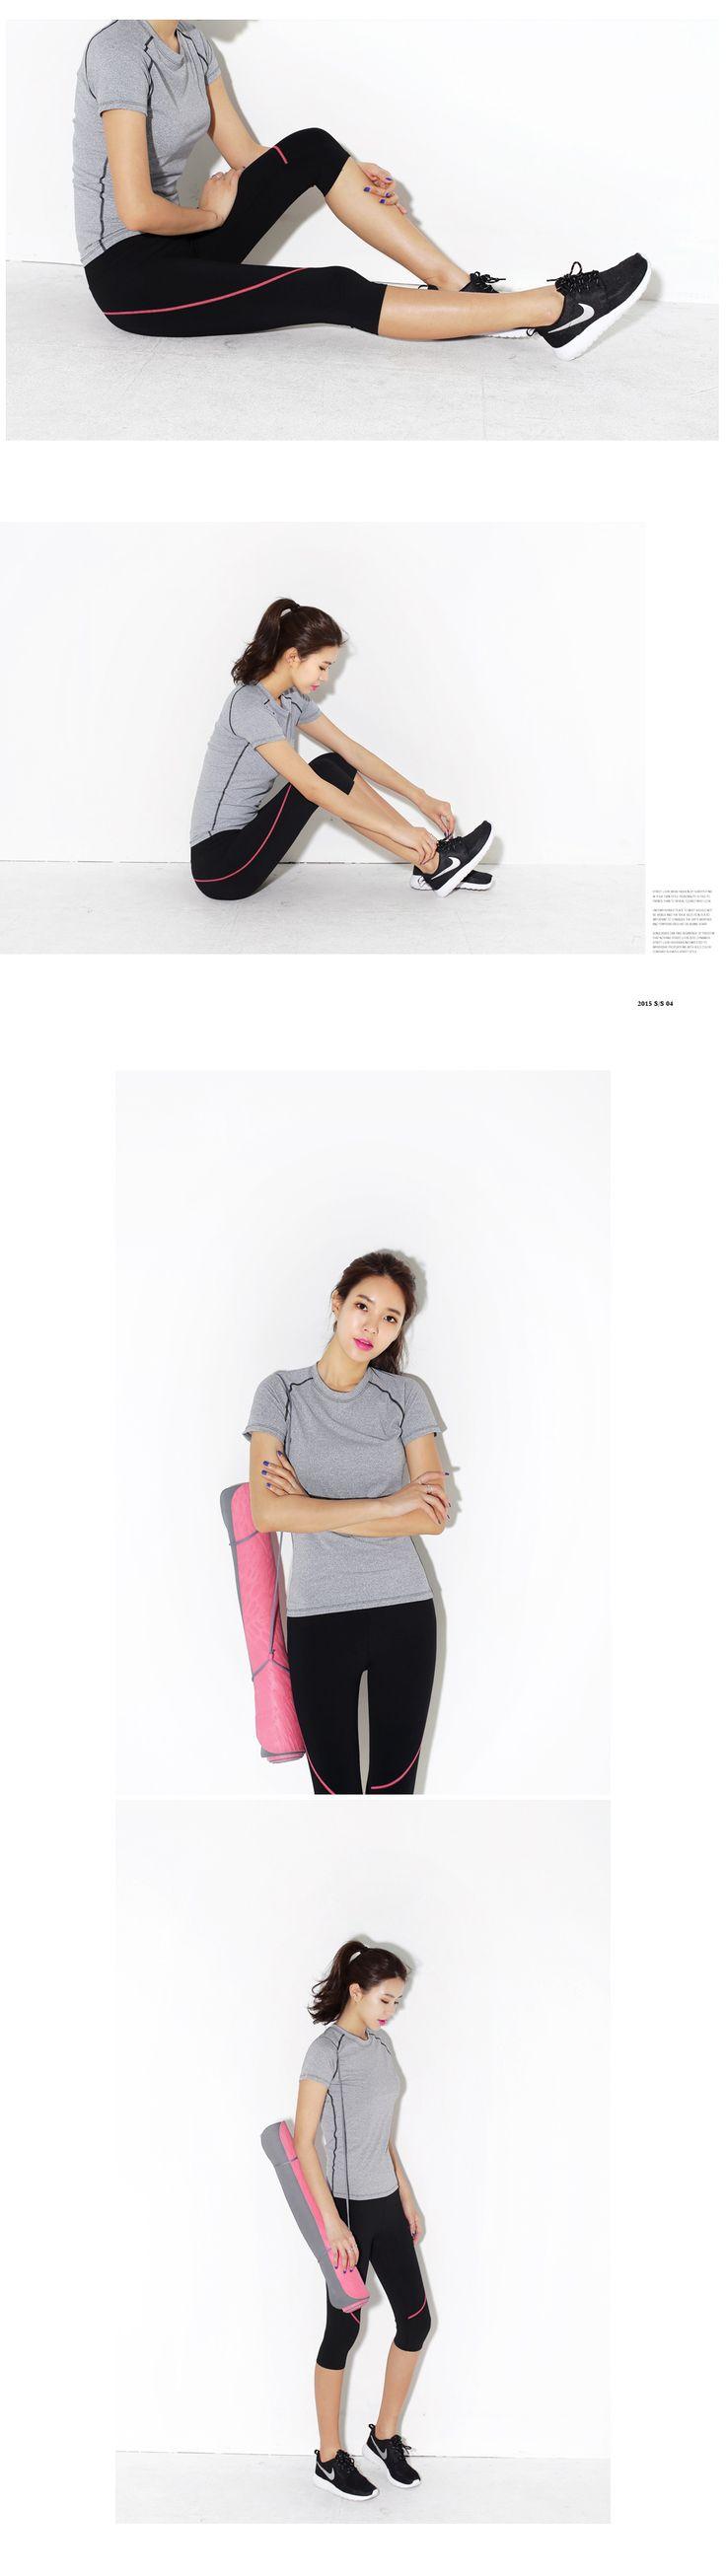 ネオンカラーストレッチTシャツ・全3色トップス・カットソーカットソー・Tシャツ|レディースファッション通販 DHOLICディーホリック [ファストファッション 水着 ワンピース]